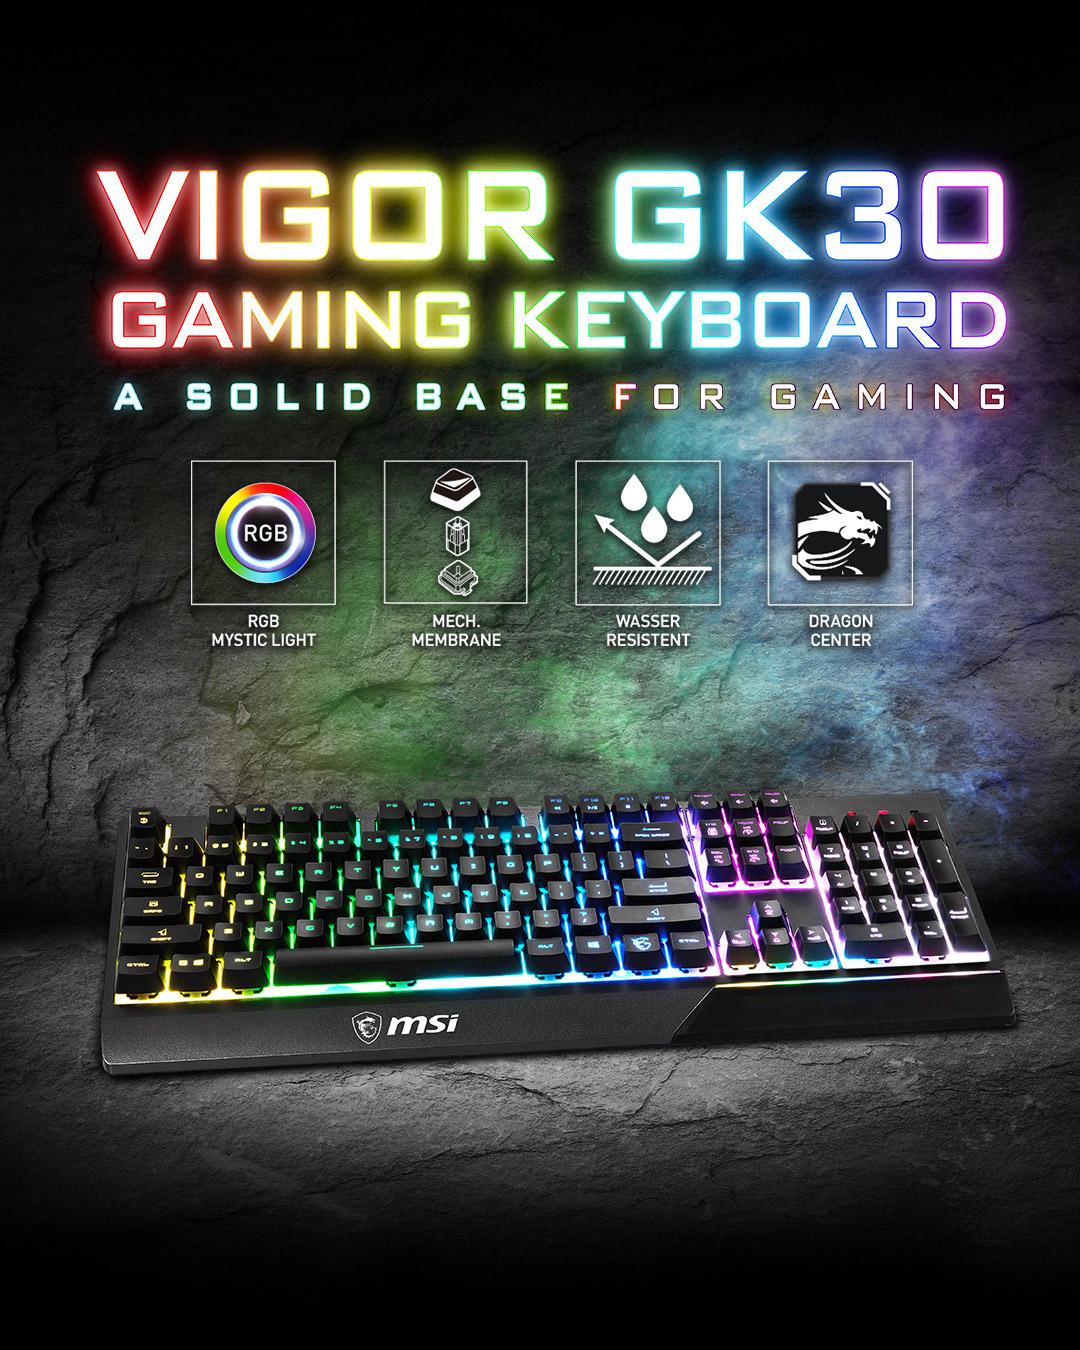 Vigor GK30